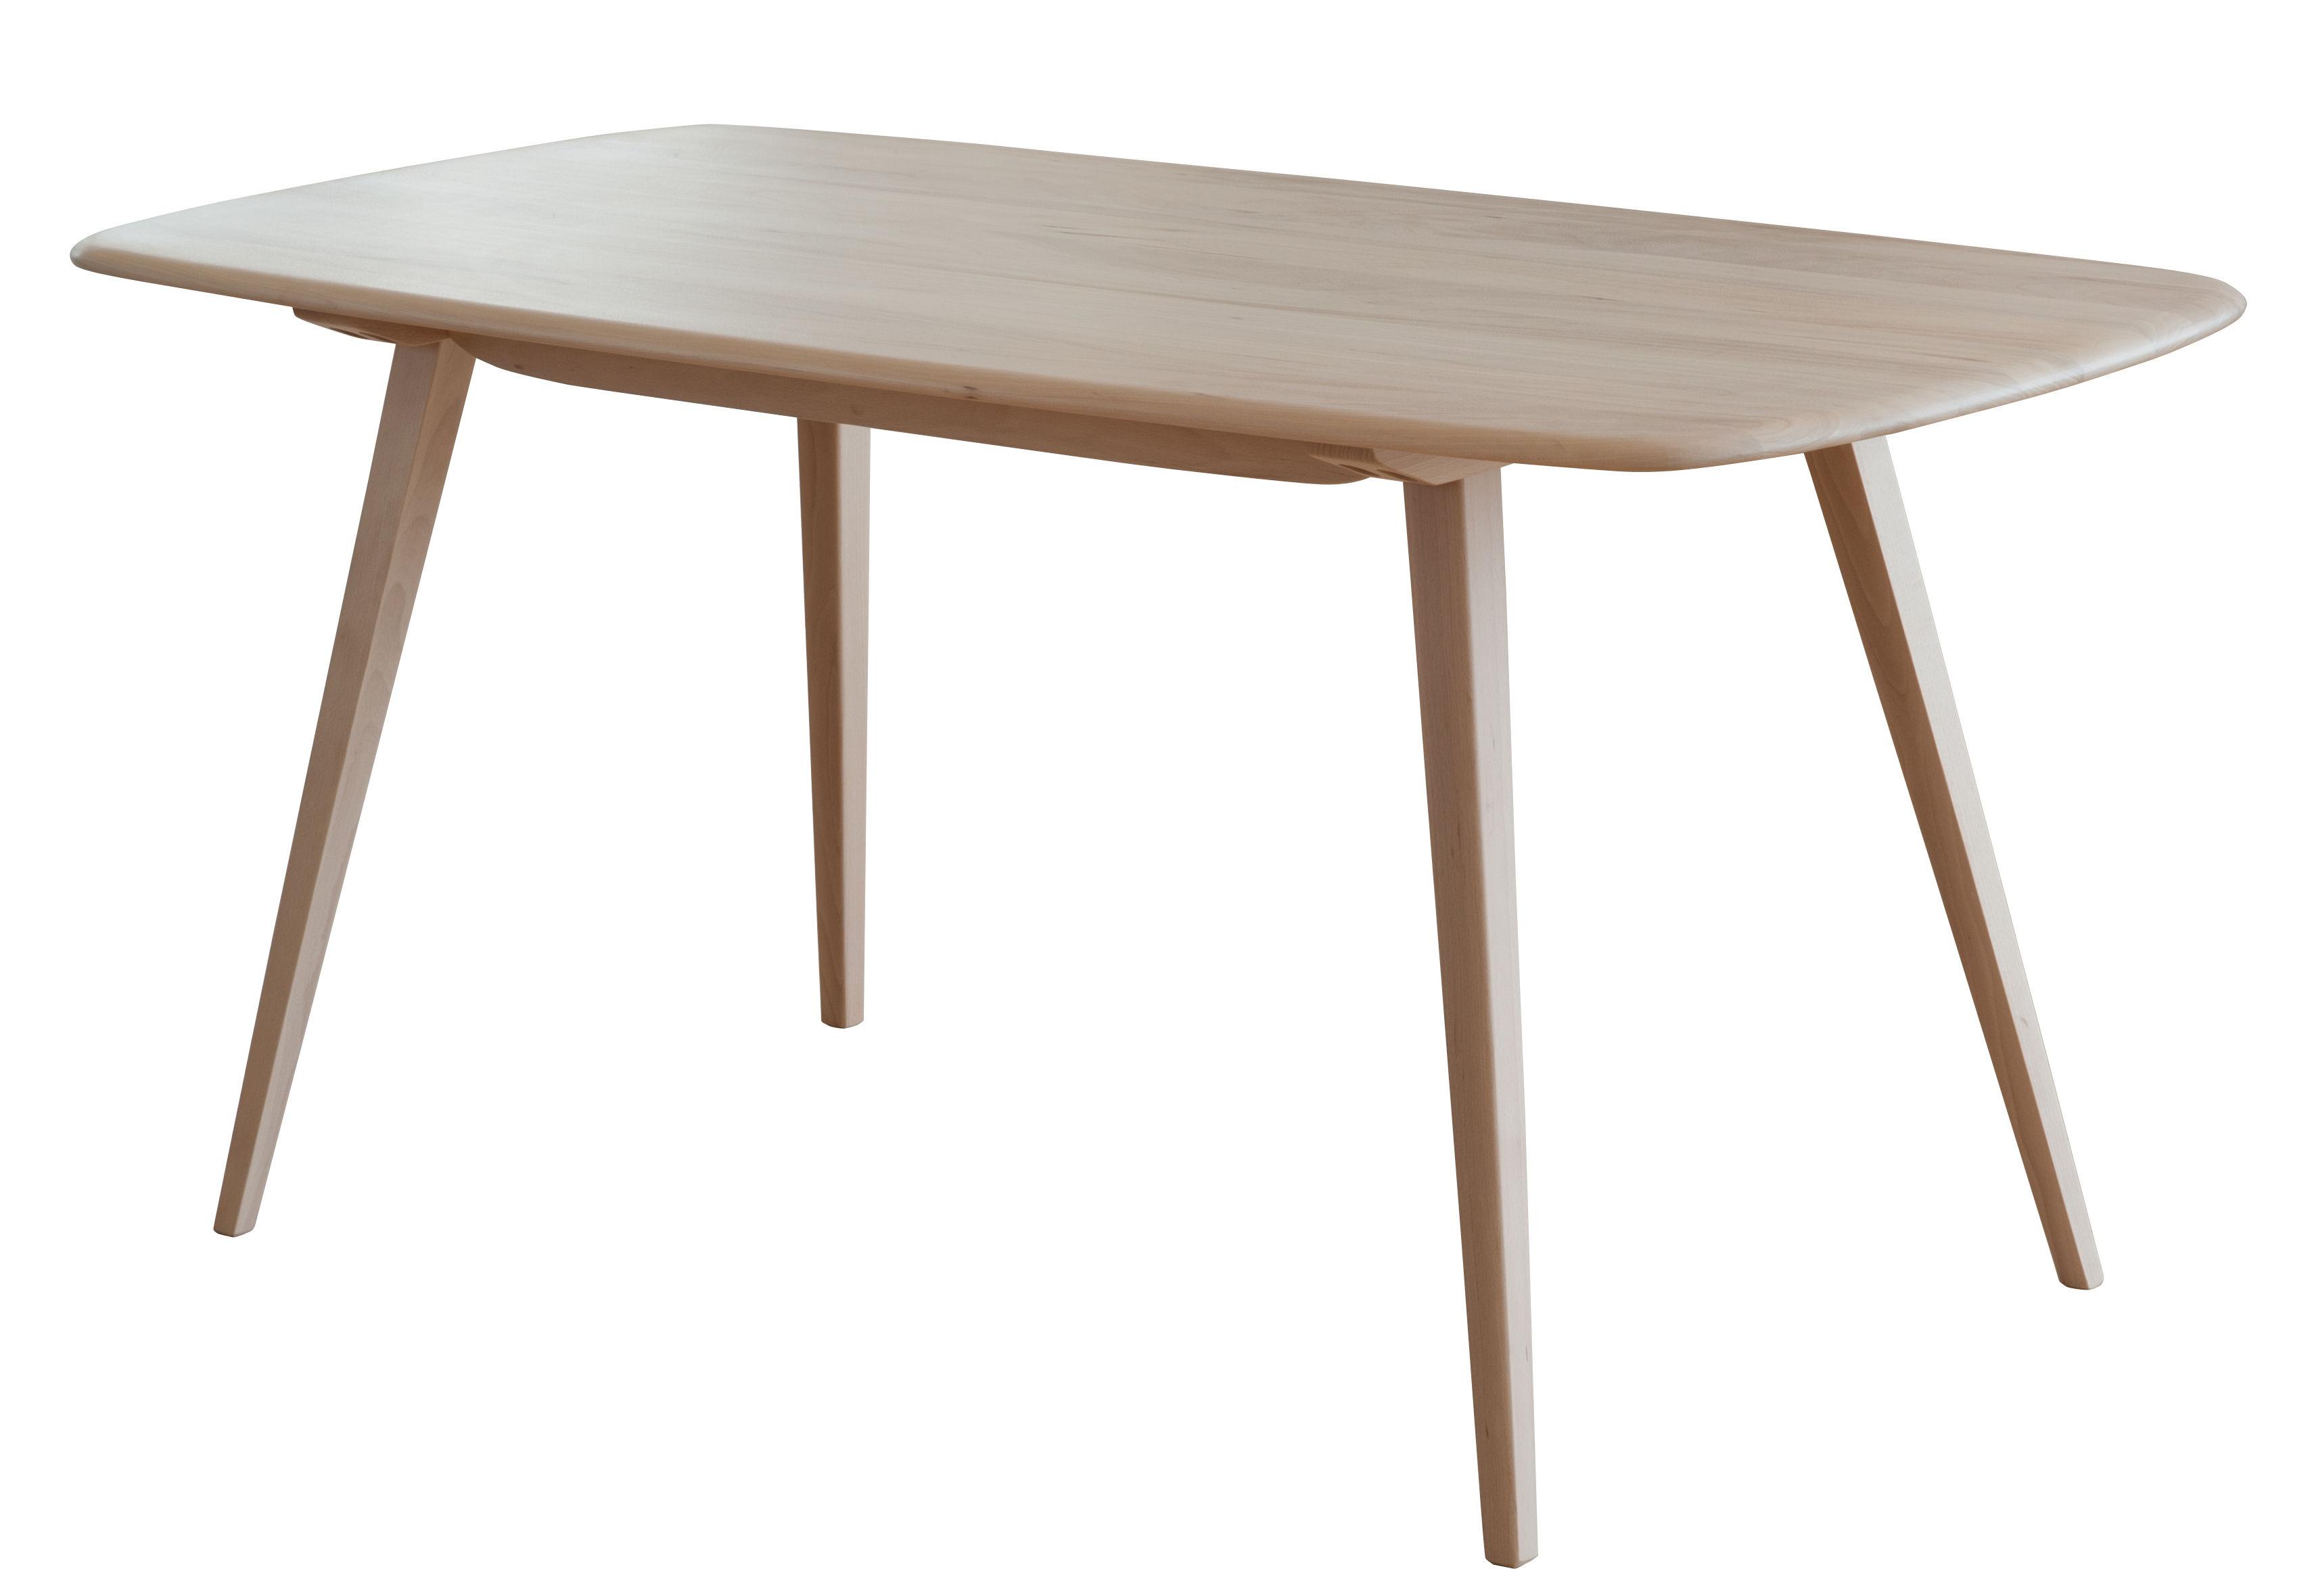 Tendances - Autour du repas - Table rectangulaire Plank / 152 x 76 cm - Réédition 1950' - Ercol - Bois - Hêtre massif tourné, Orme massif